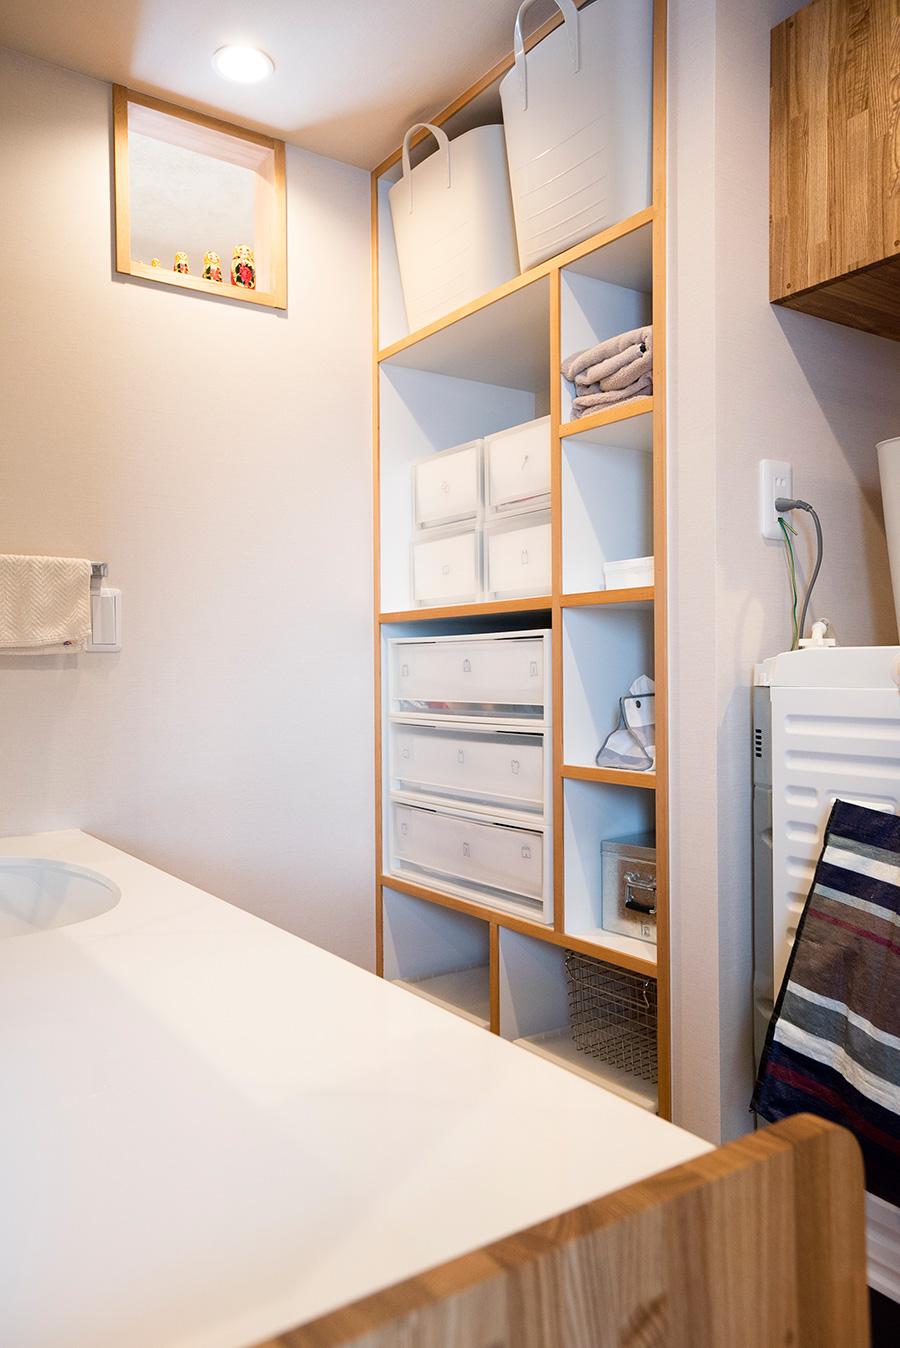 家事動線や収納を大切に考える奥山さんのアドバイスを受けて造作。持っていた収納ケースがぴったりと、無駄なく美しく収まっている。